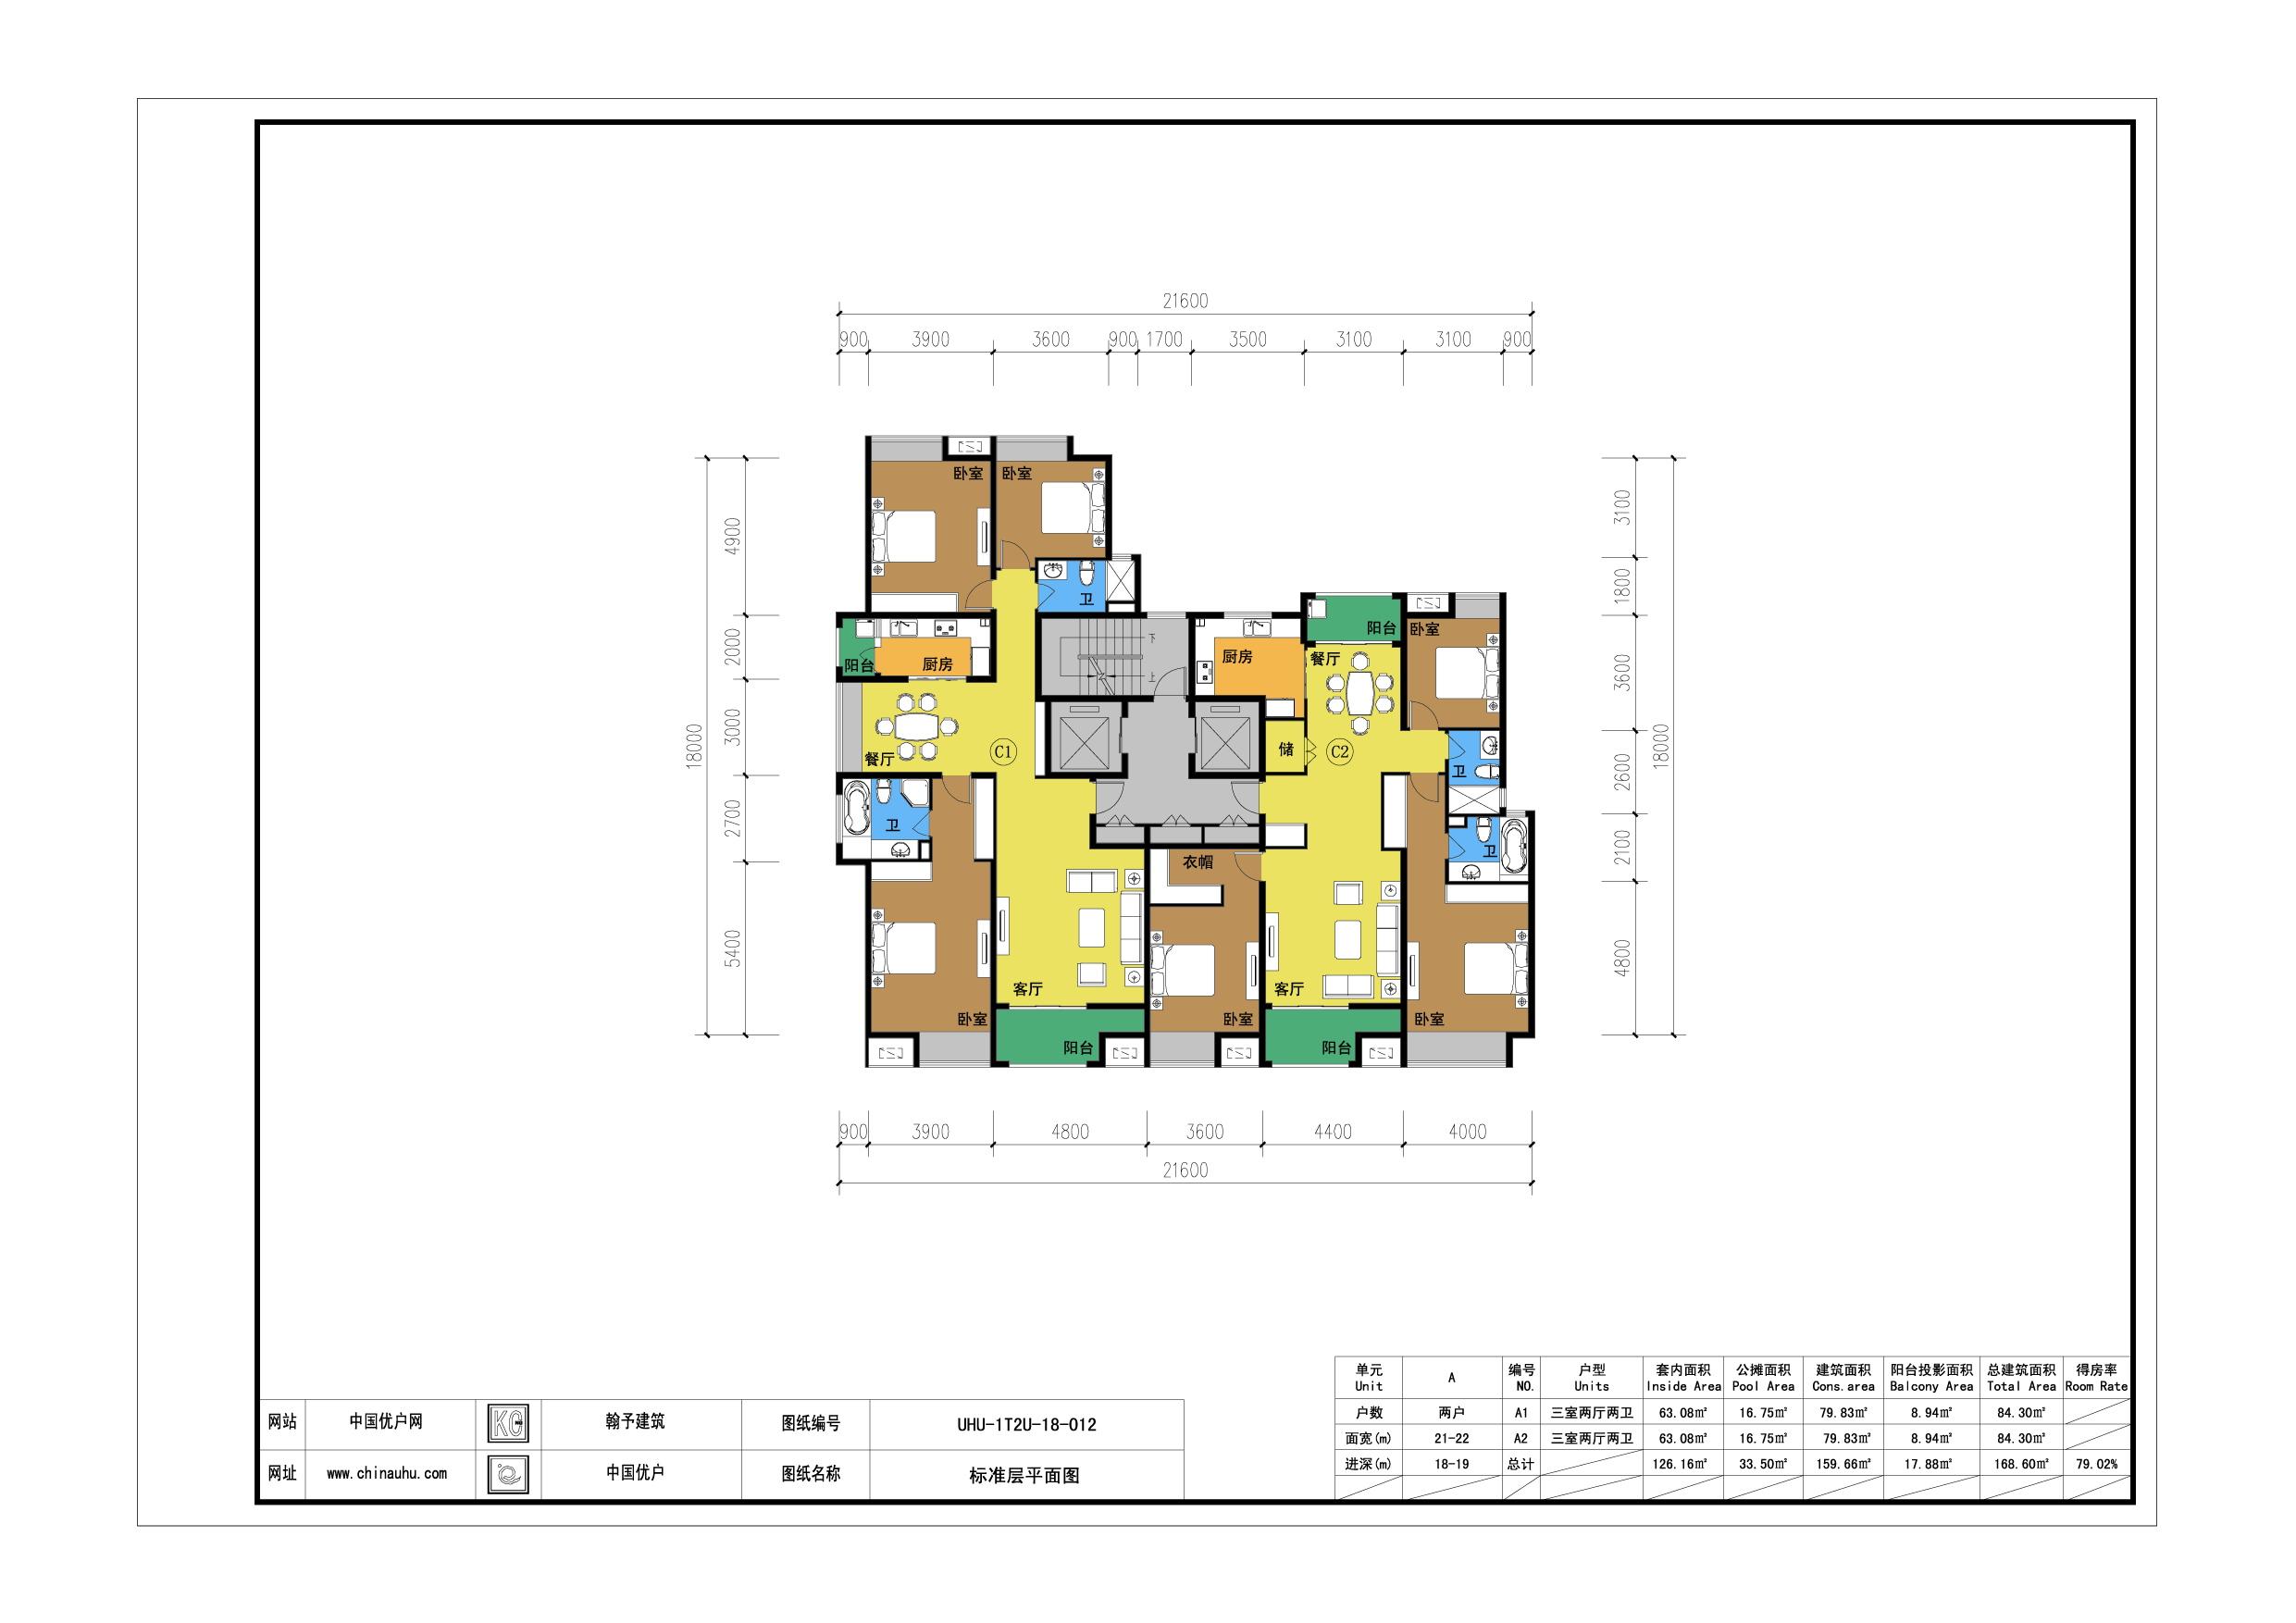 農村單層三室兩廳房子設計圖展示